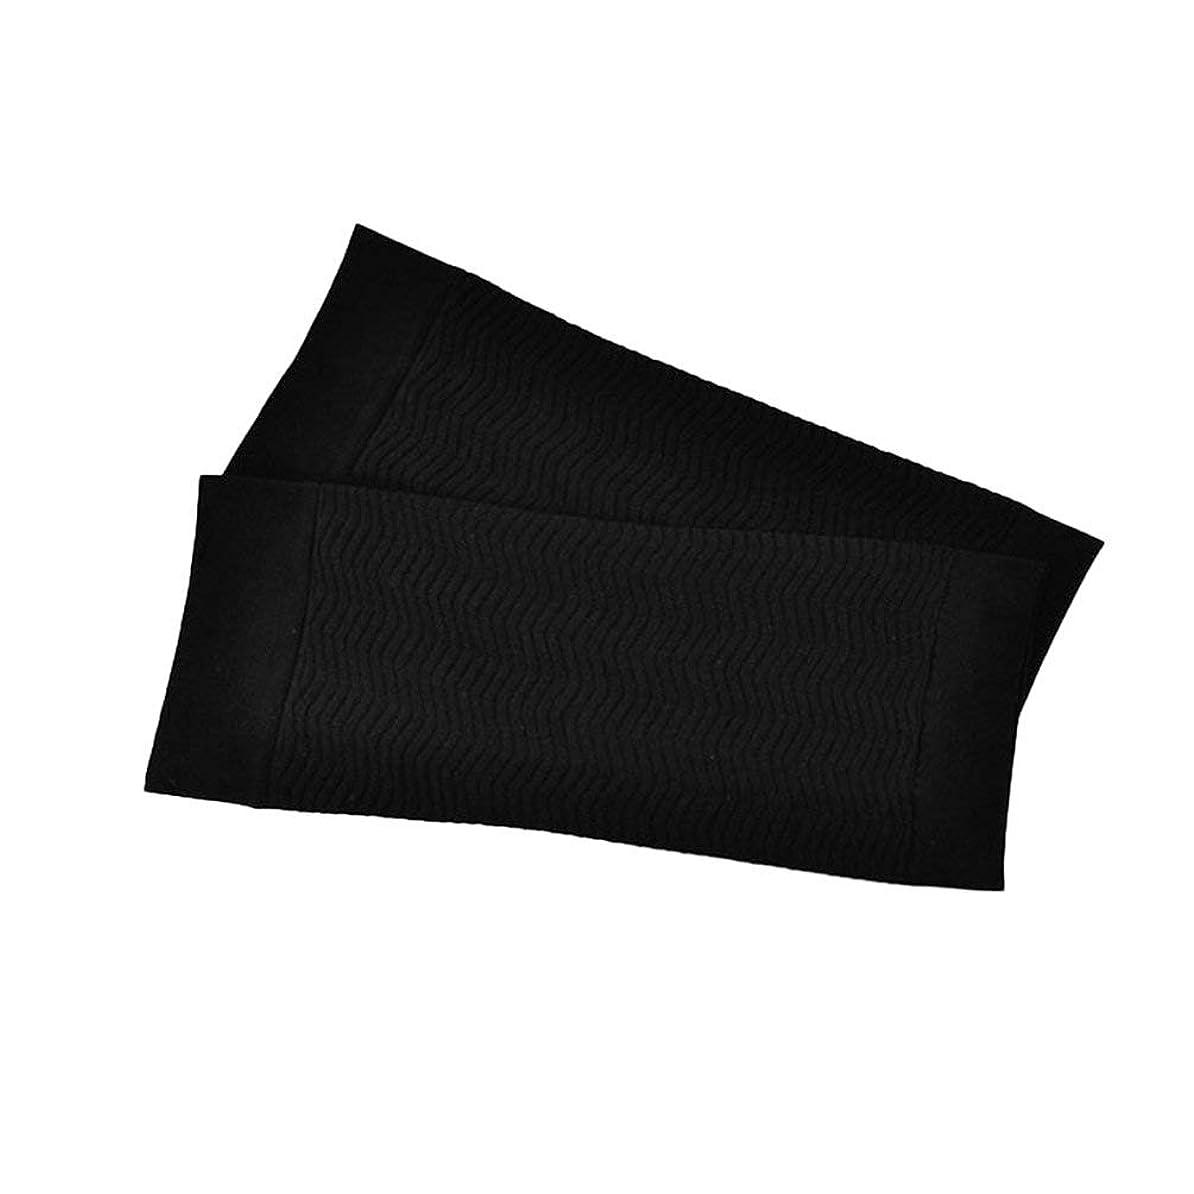 サークル接触先行する1ペア680 D圧縮アームシェイパーワークアウトトーニングバーンセルライトスリミングアームスリーブ脂肪燃焼半袖用女性 - ブラック